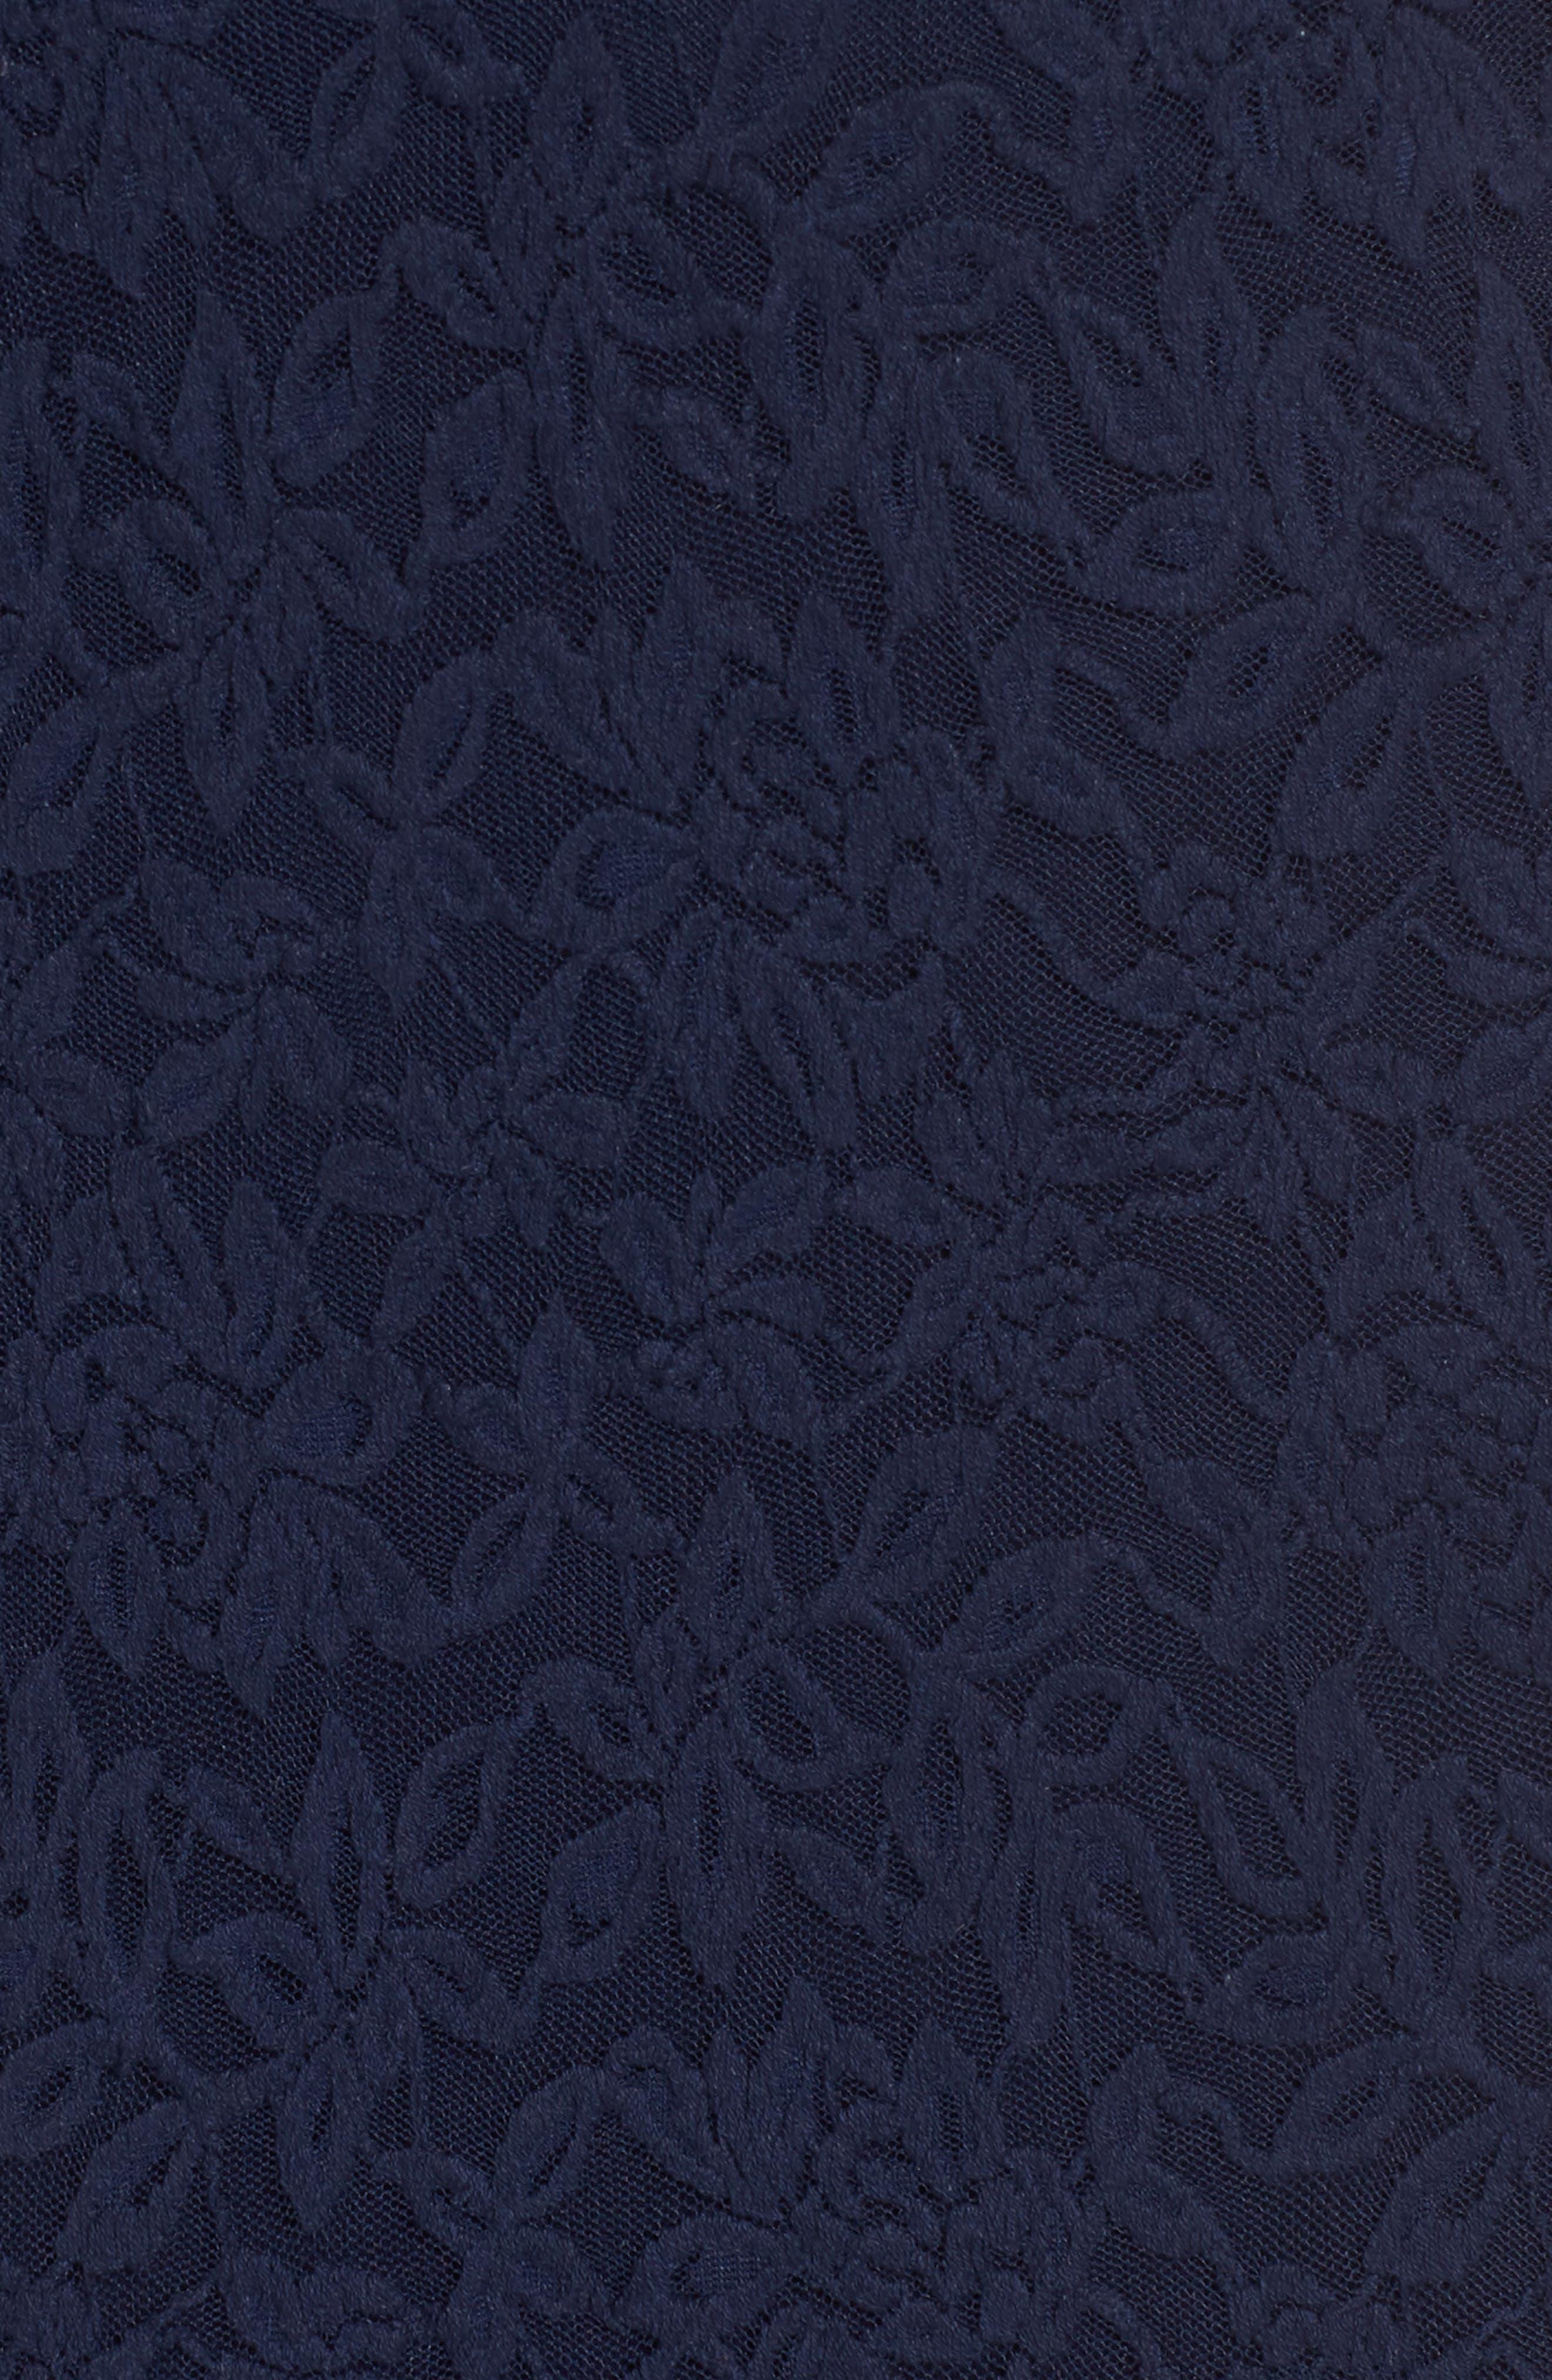 Delicia Lace Body-Con Dress,                             Alternate thumbnail 5, color,